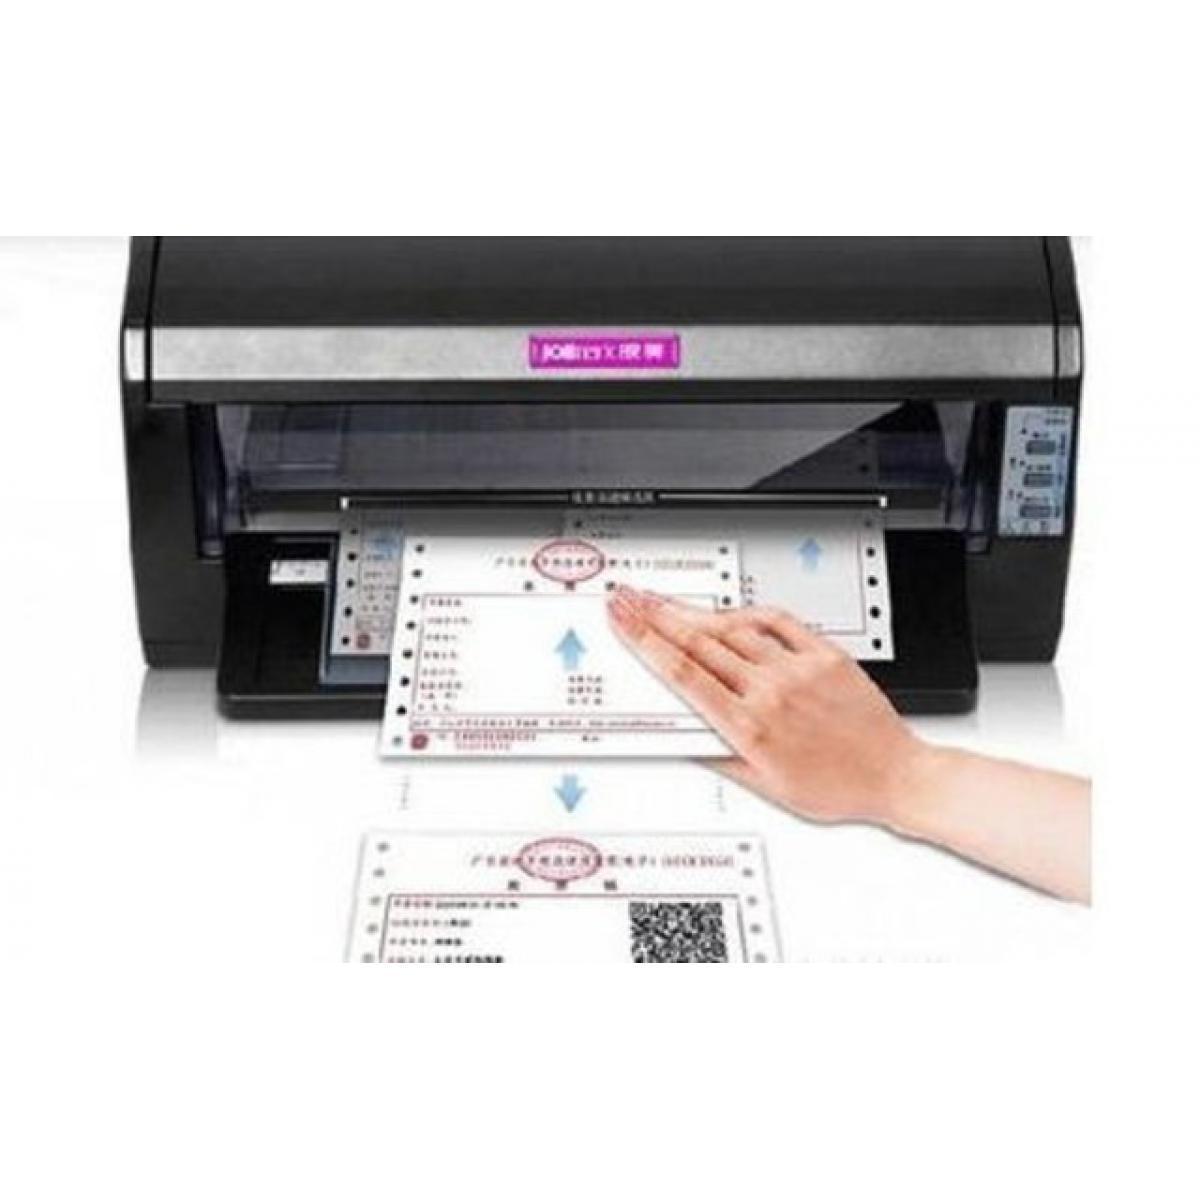 映美312k针式打印机_针式打印机